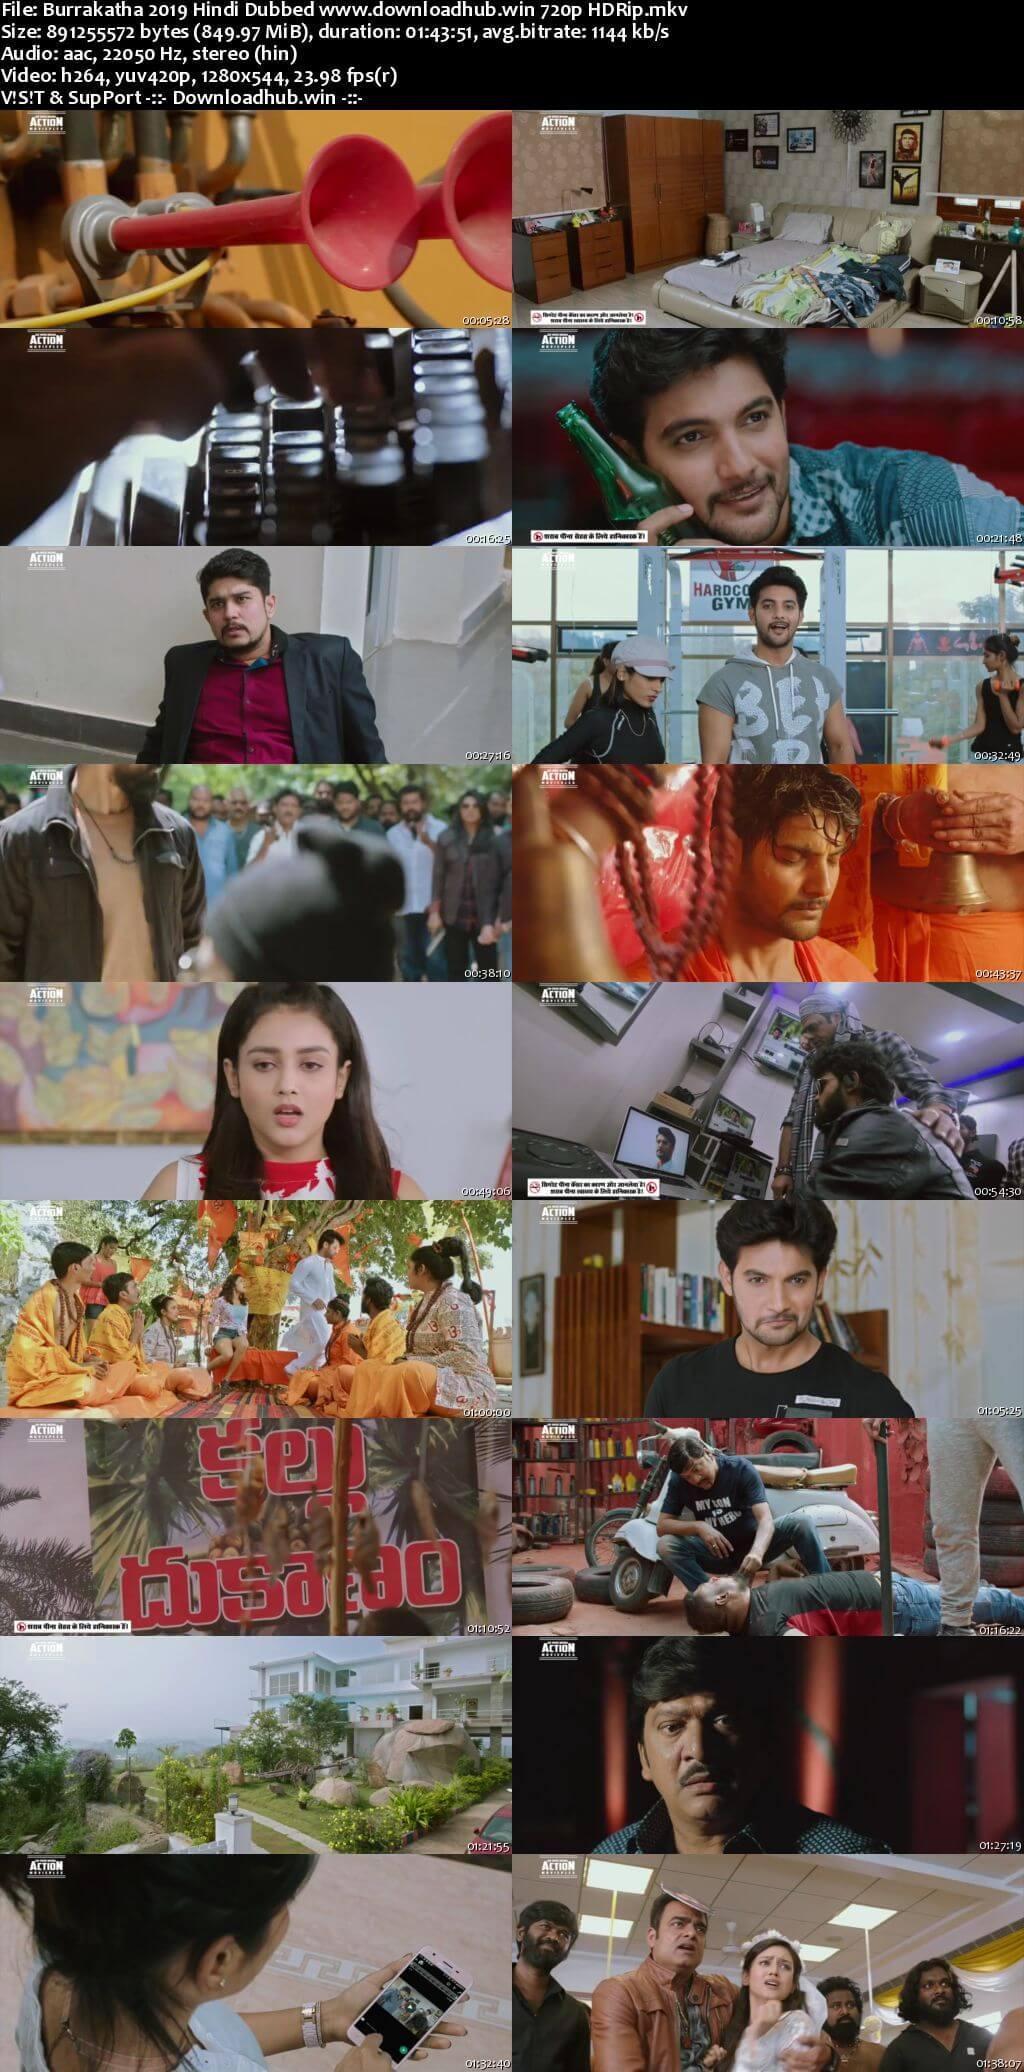 Burrakatha 2019 Hindi Dubbed 720p HDRip x264